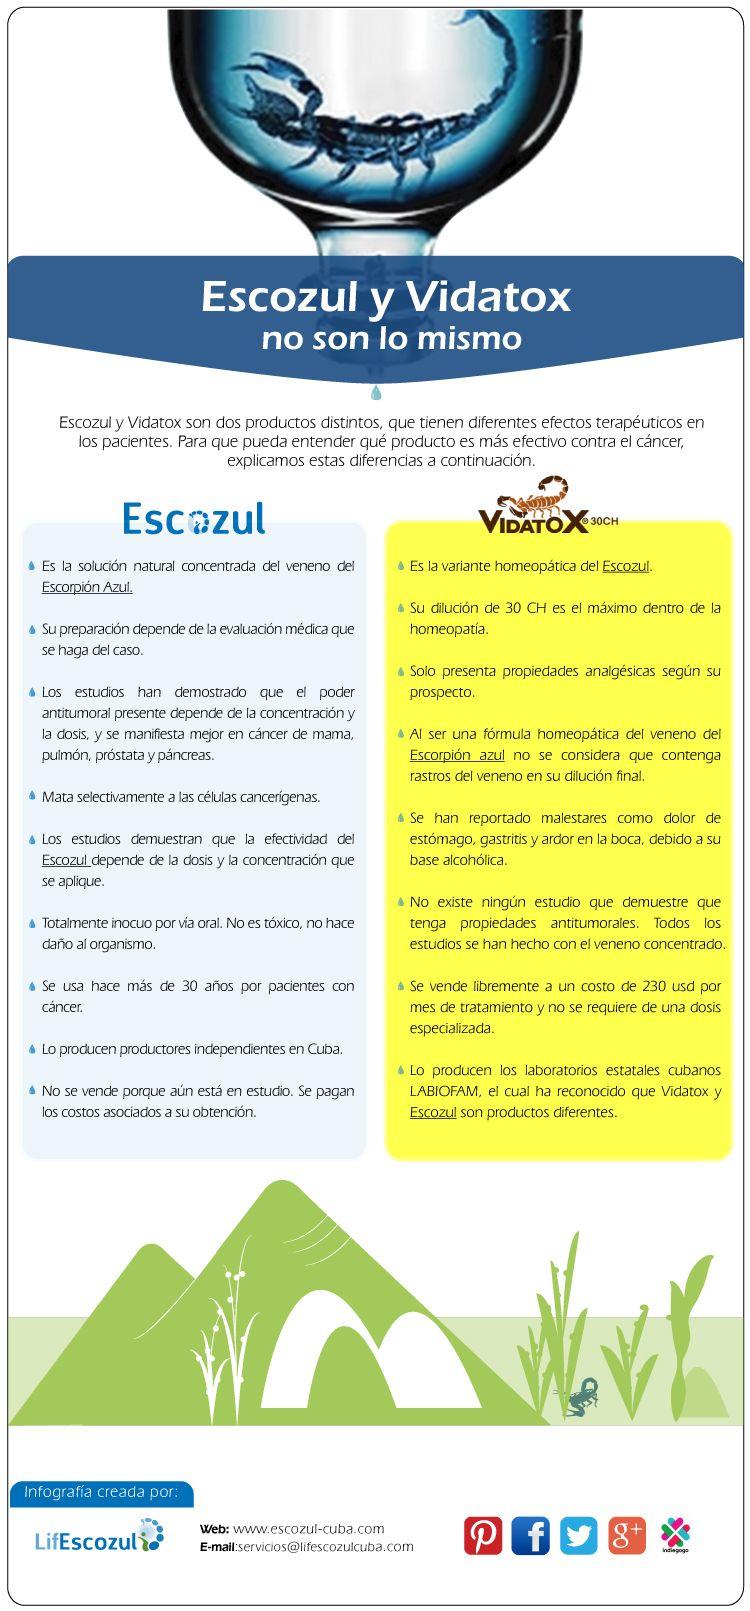 Diferencias entre Escozul y Vidatox. Cual es efectivo en el tratamiento del cáncer.